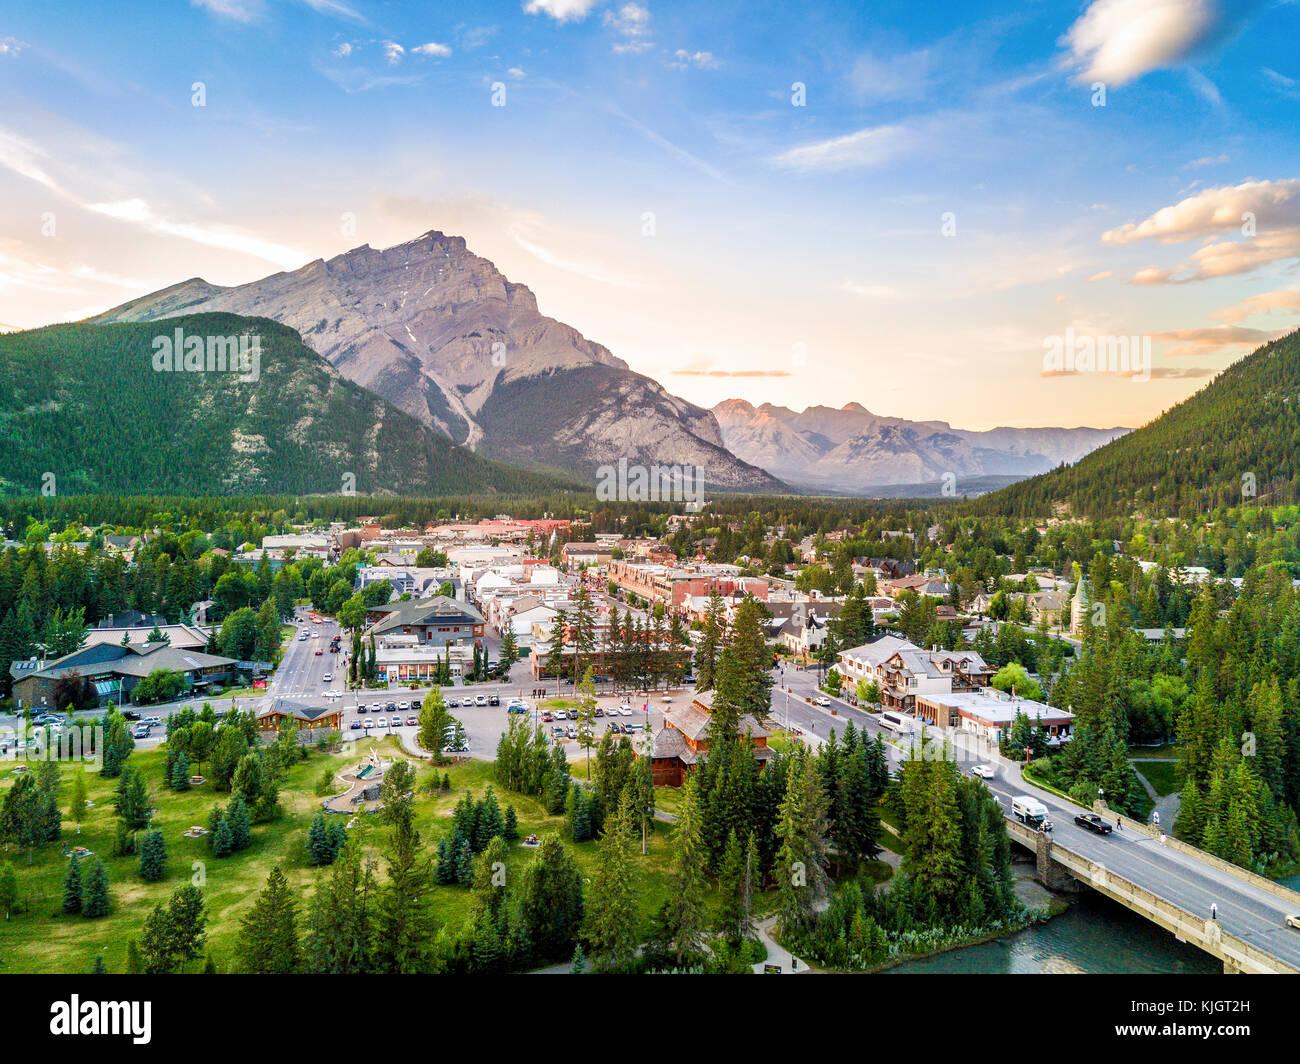 Banff Town Alberta Stock Photos Amp Banff Town Alberta Stock Images Alamy